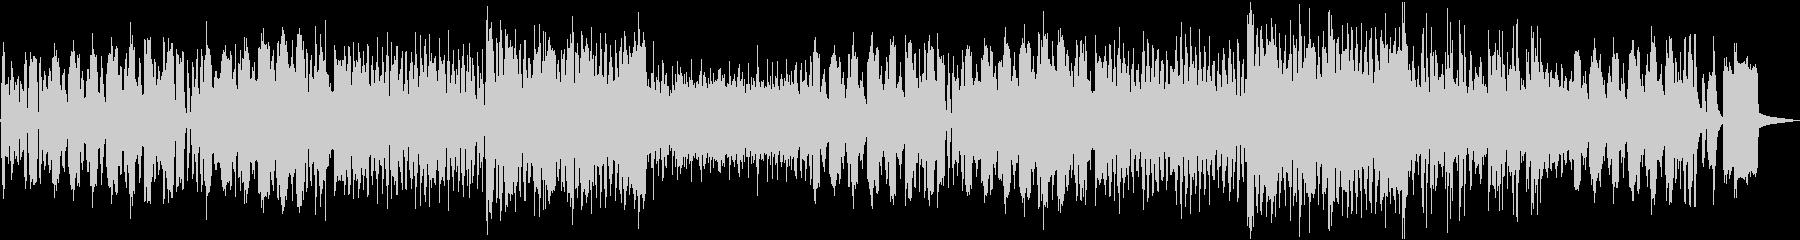 ほのぼの 日常 アコーディオン 映像用の未再生の波形